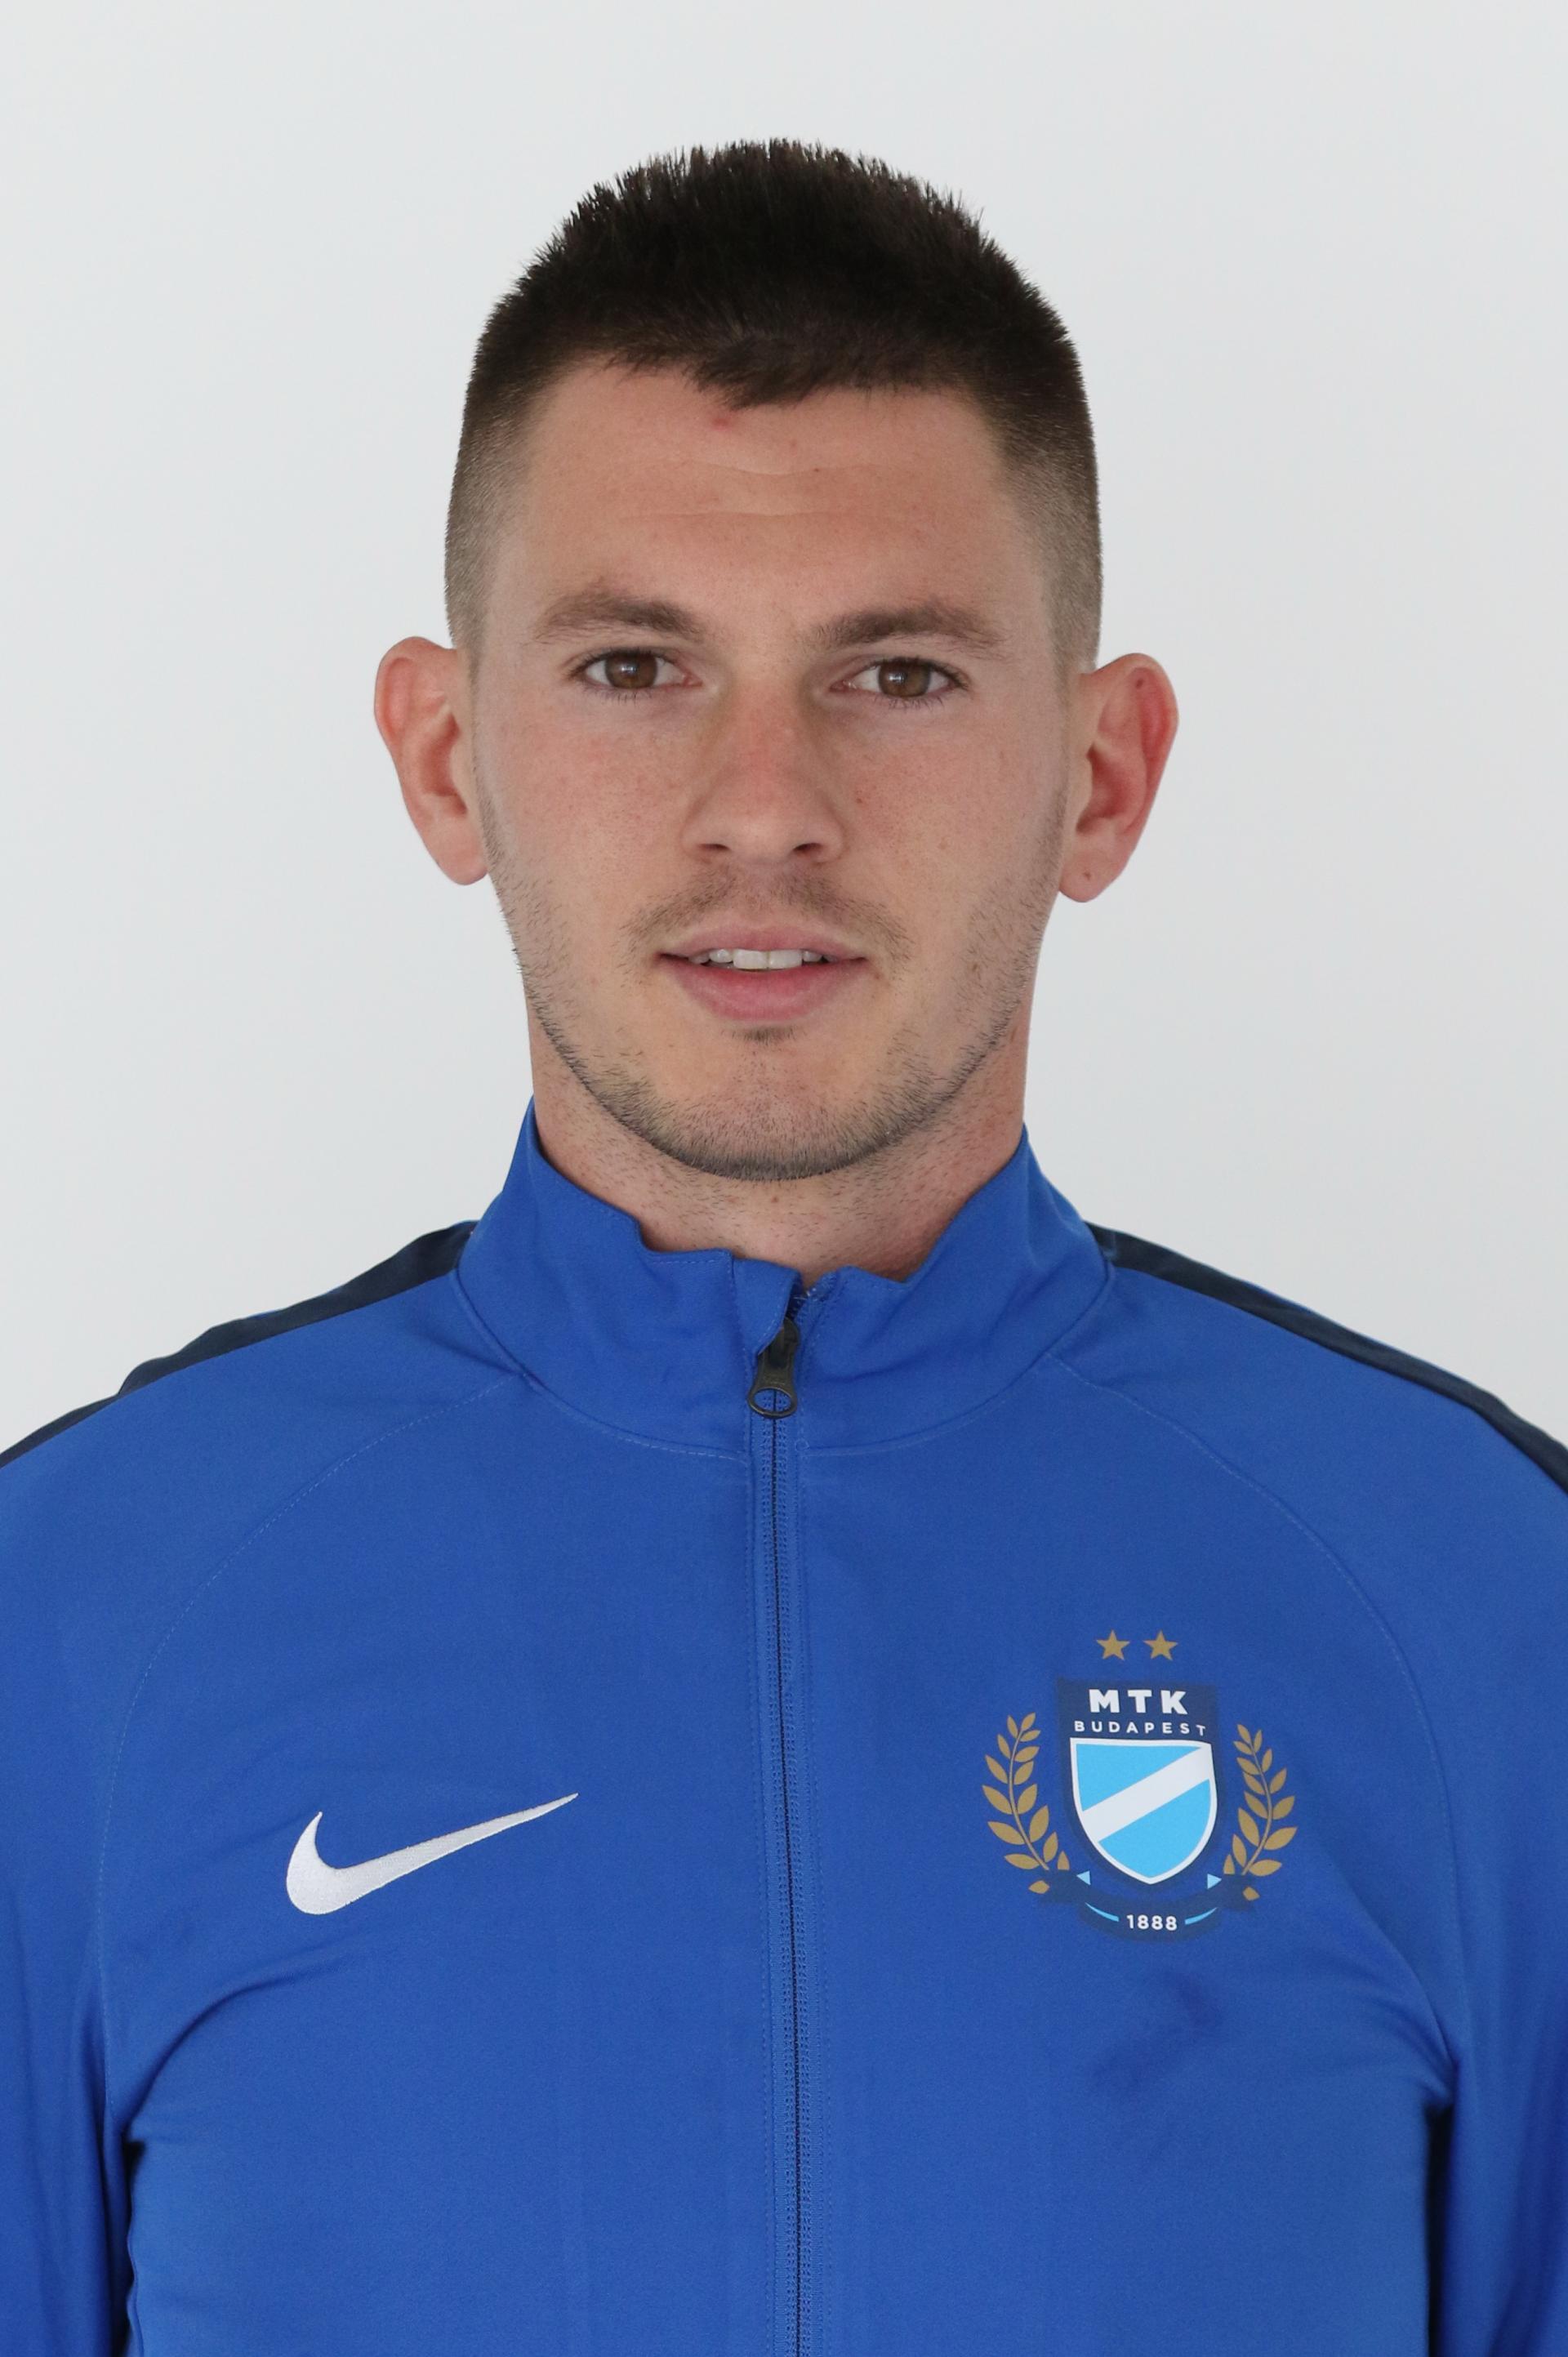 Hmelyovszki Tibor